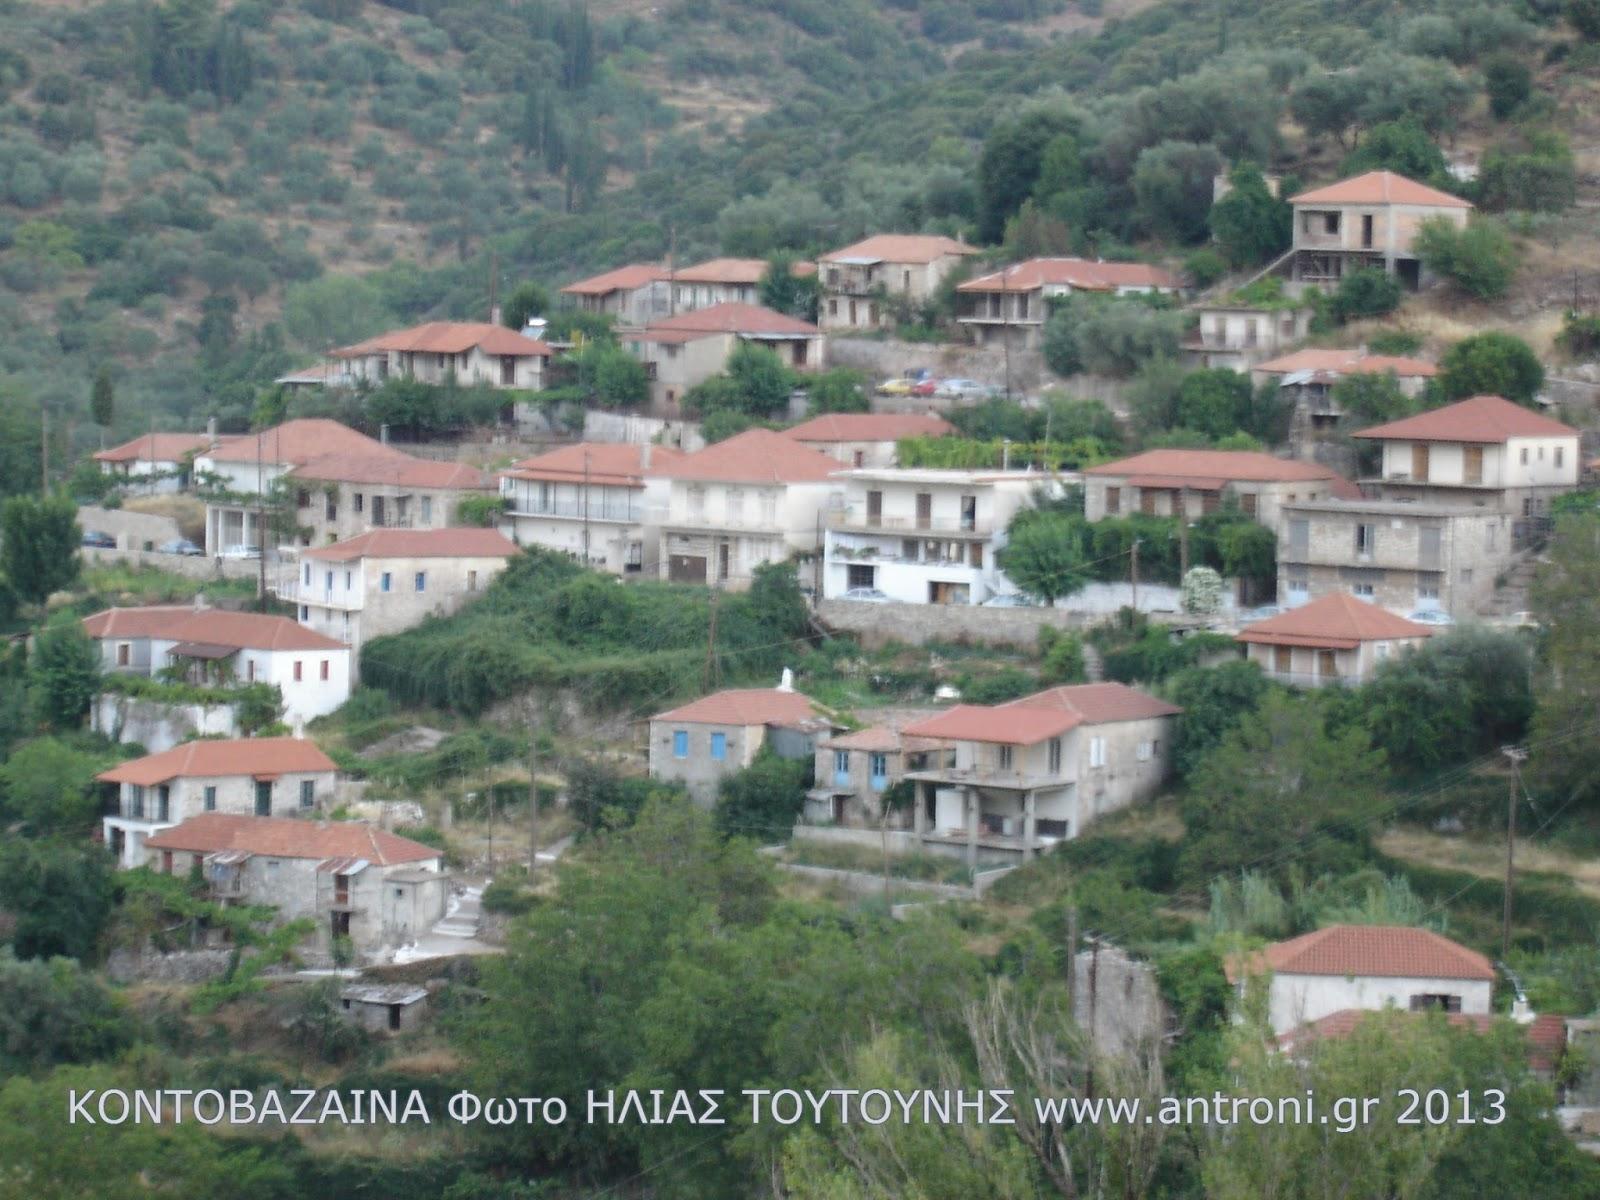 Κούμανι και Αντρώνι  Καραλής Γιαννάκης 28610447451